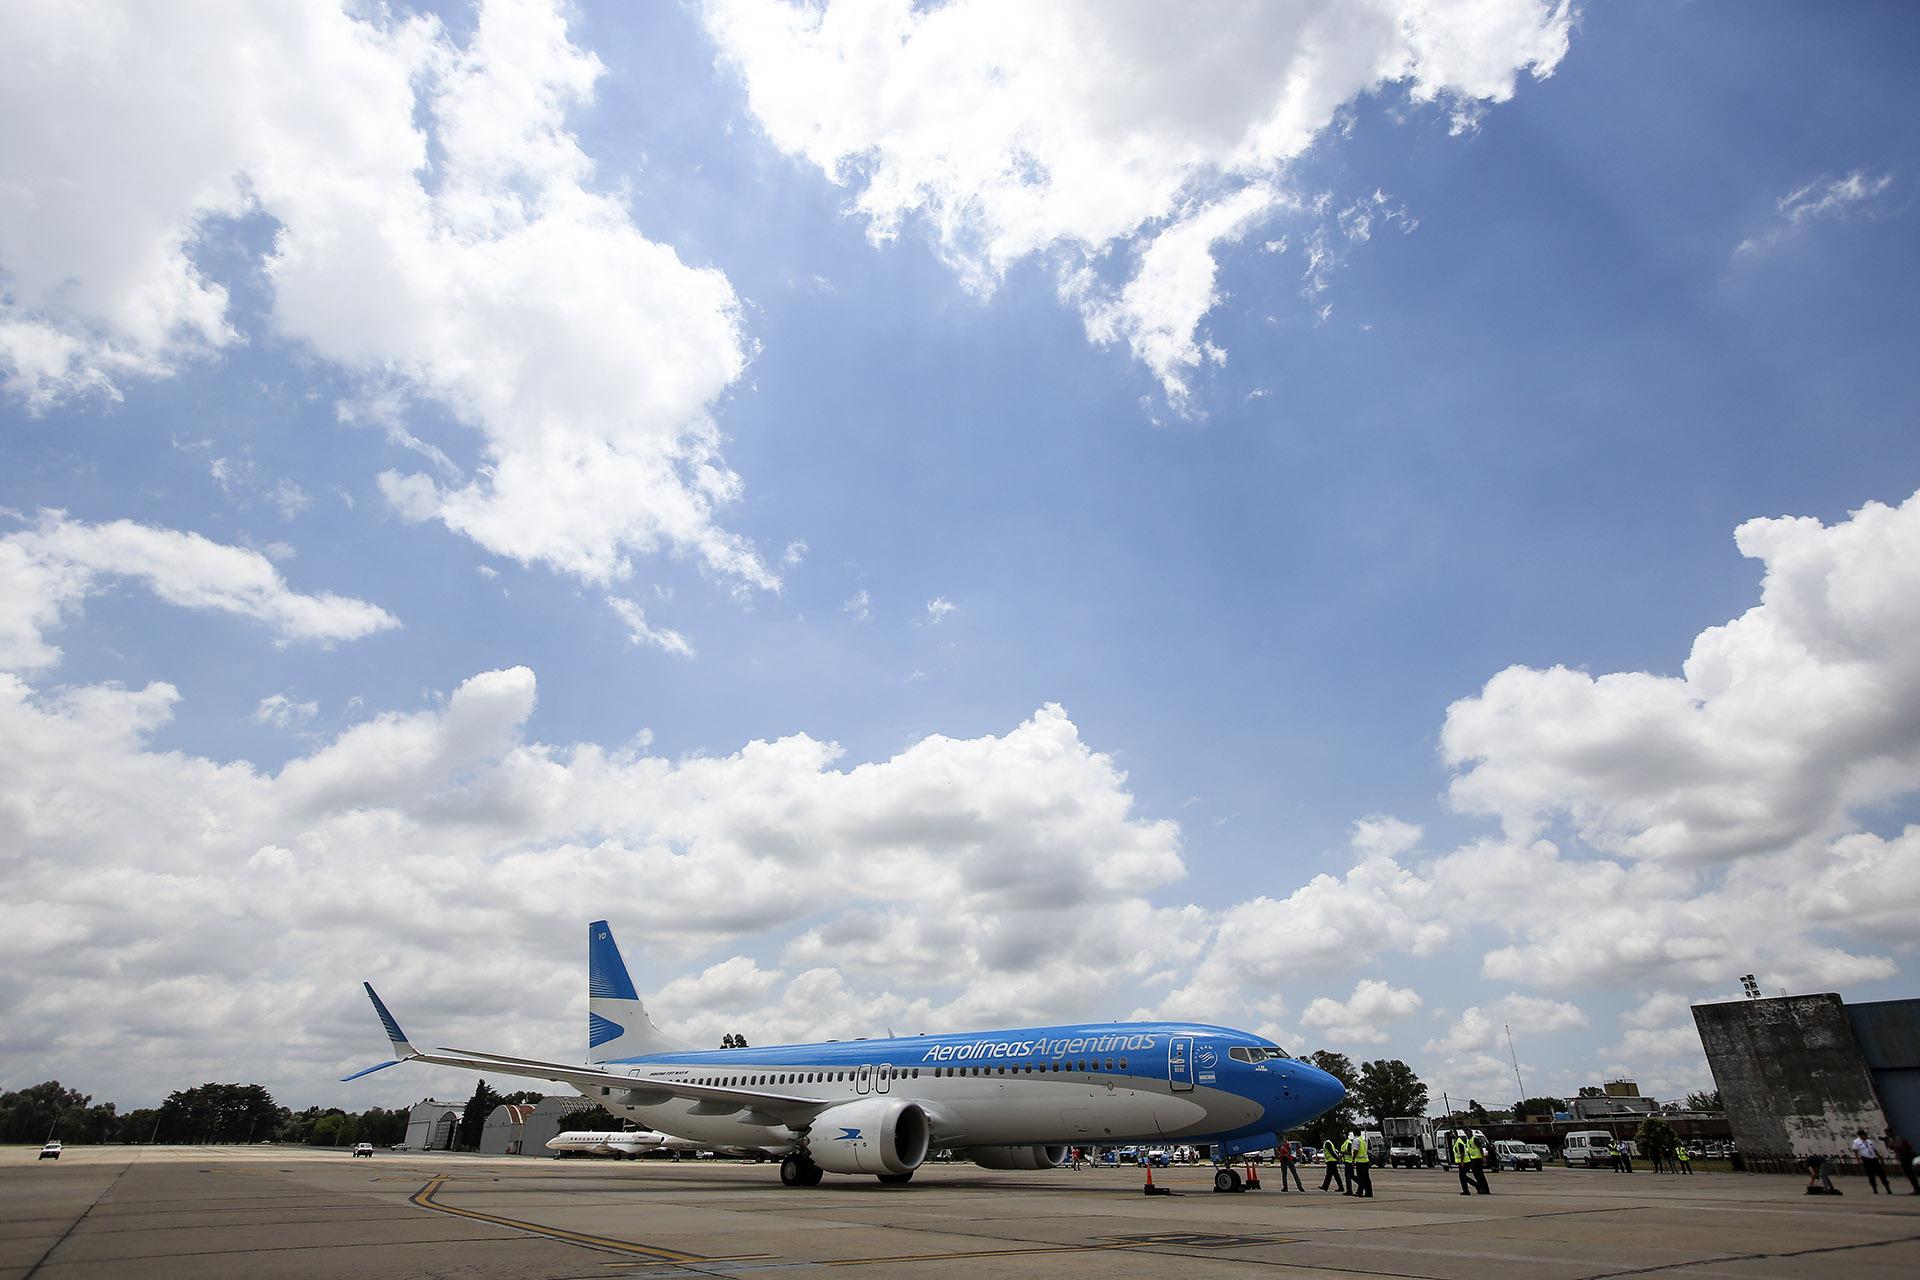 La empresa sumará 12 nuevos MAX para vuelos regionales y el Caribe. Los dos primeros llegarán este año, y tres más en el primer semestre de 2018